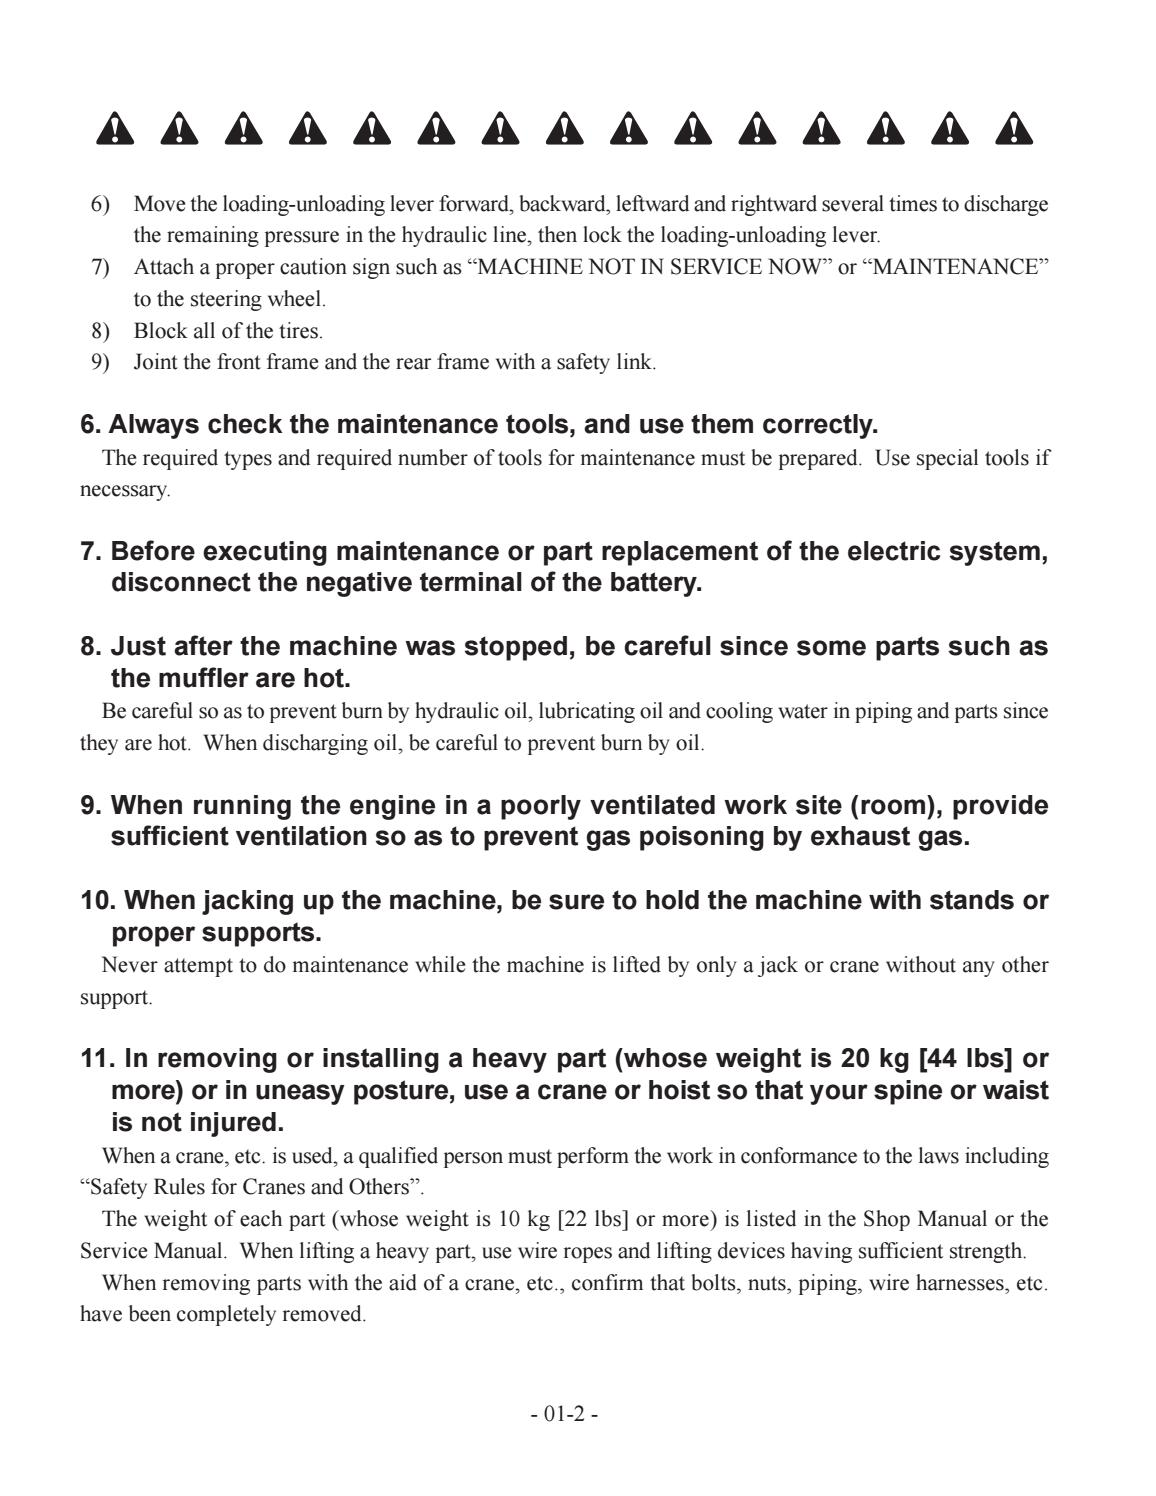 Hitachi LX110-7 LX130-7 LX160-7 LX190-7 LX230-7 Wheel Loader Workshop Manual - PDF DOWNLOAD page 10